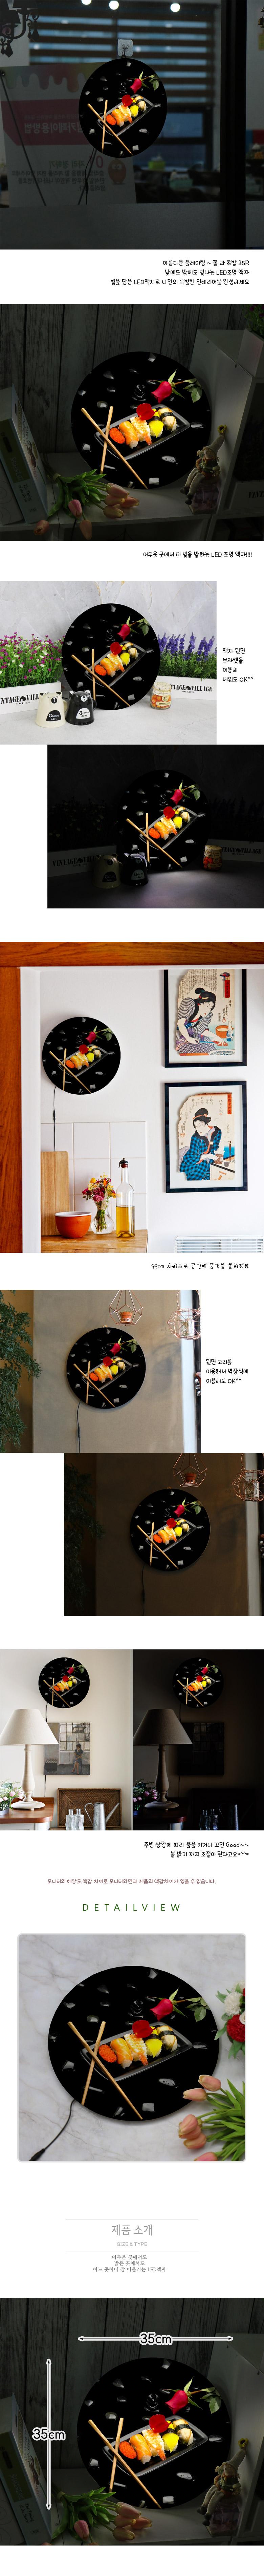 LED액자35R_꽃과초밥 - 꾸밈, 59,000원, 포인트조명, 터치조명